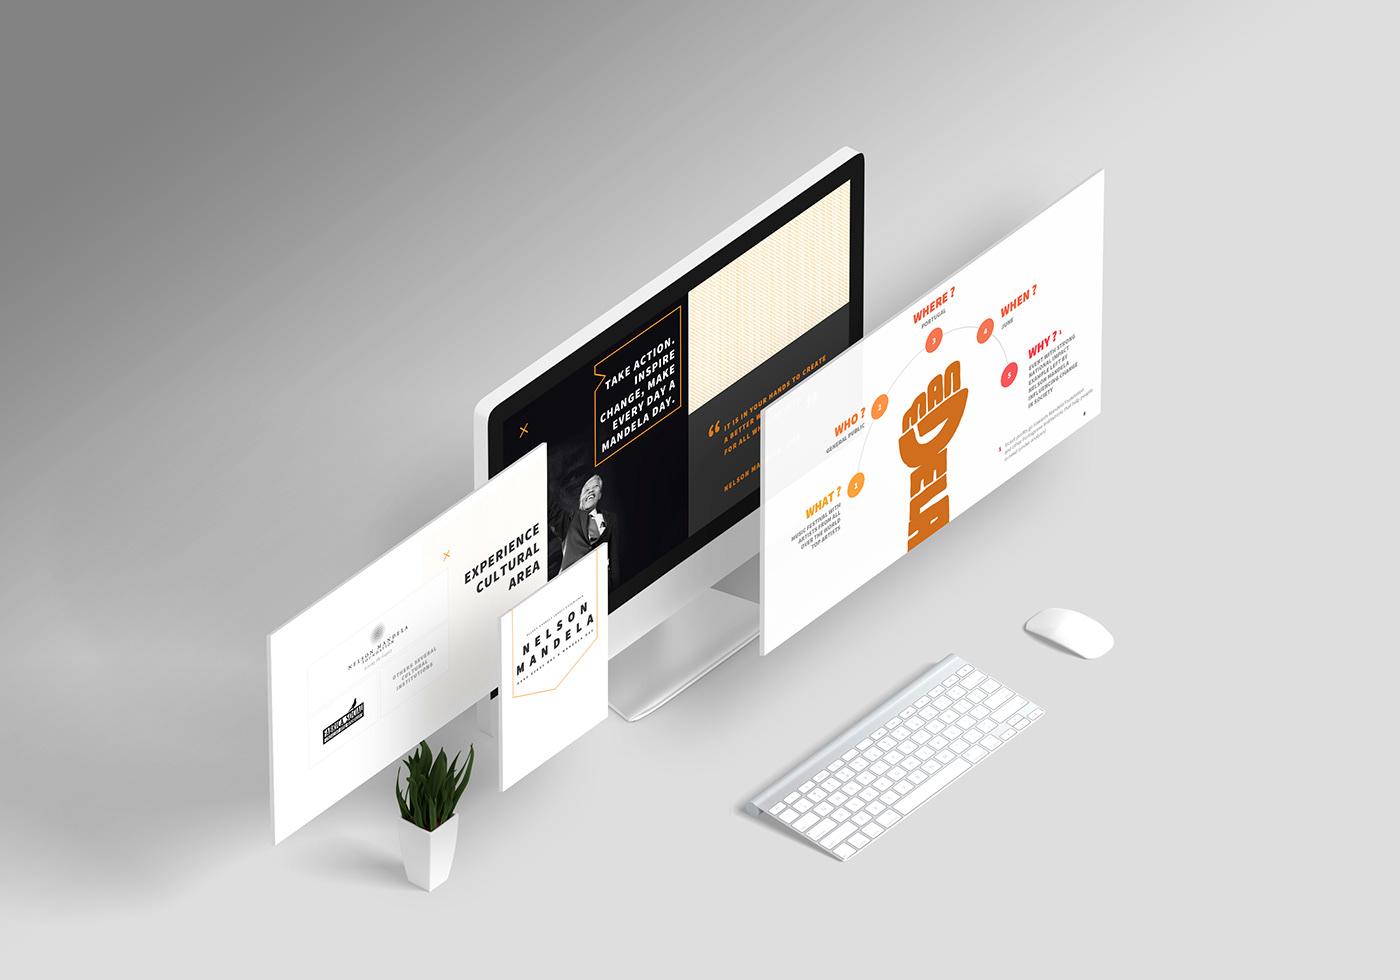 Image may contain: screenshot, computer and print